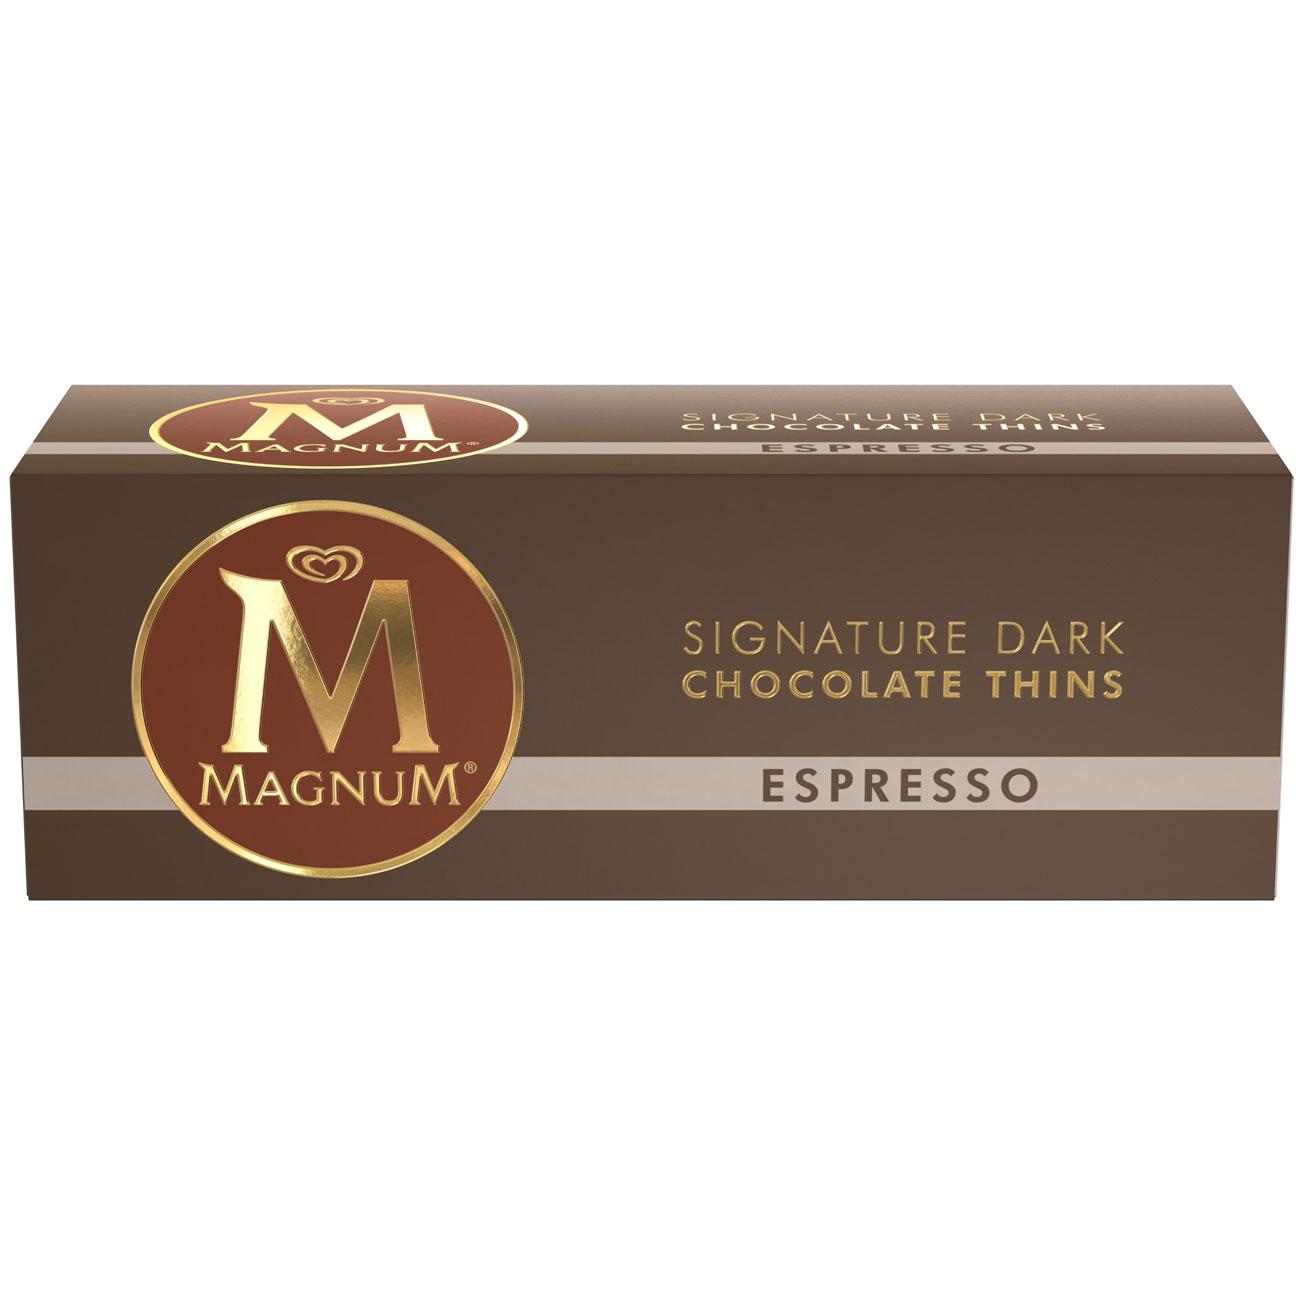 Magnum Signature Dark Chocolate Thins